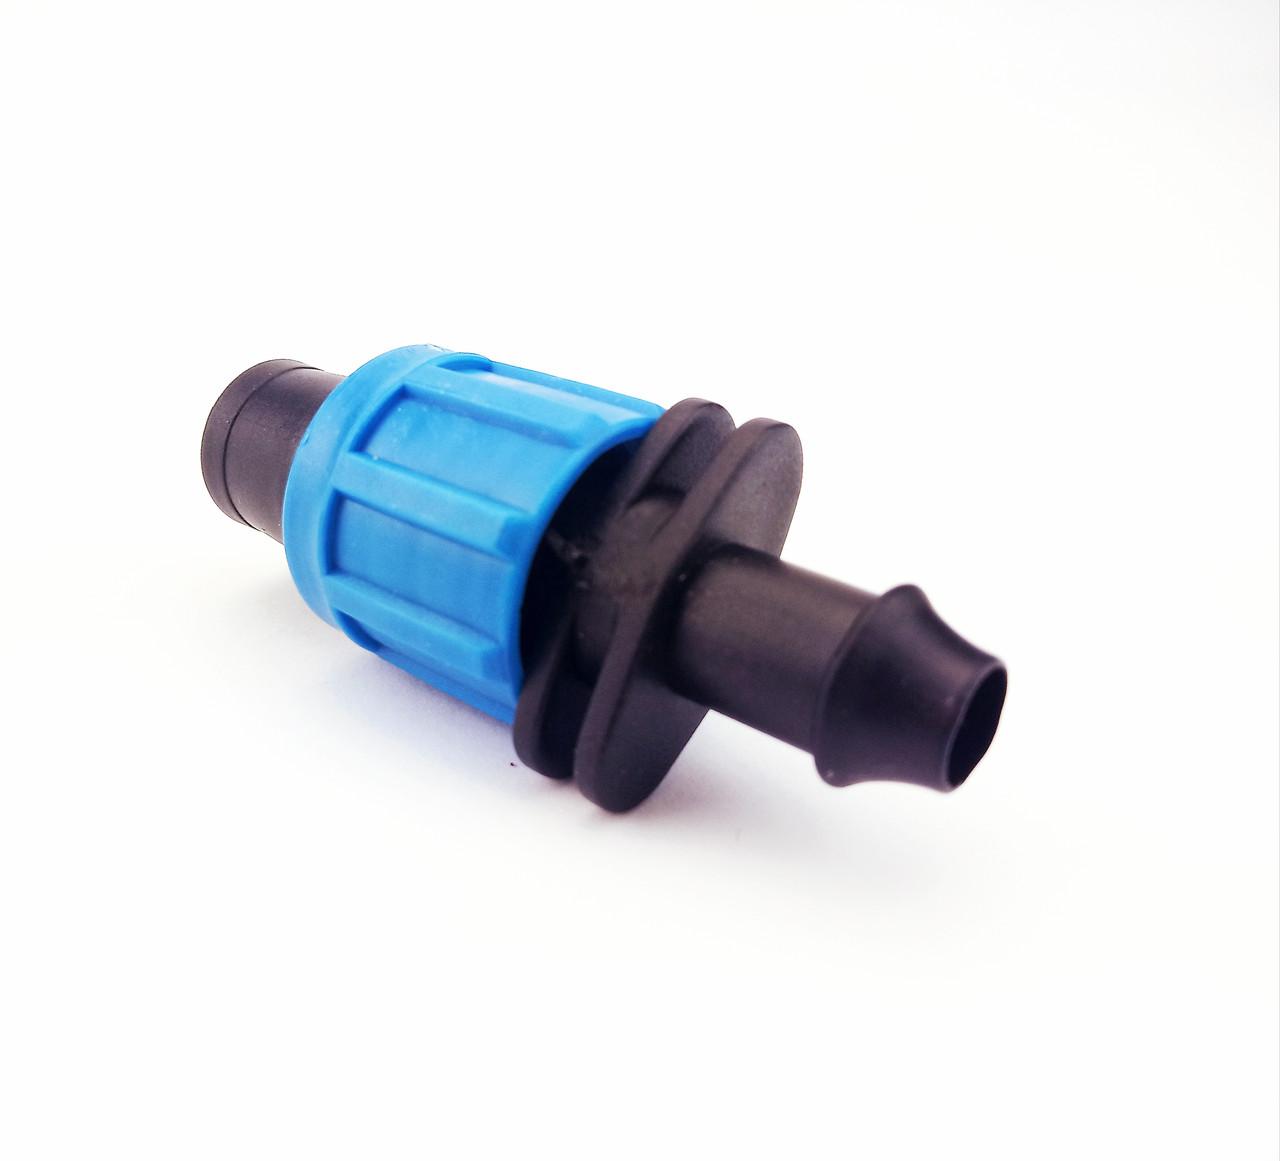 Стартер для капельной ленты с резинкой Santehplast